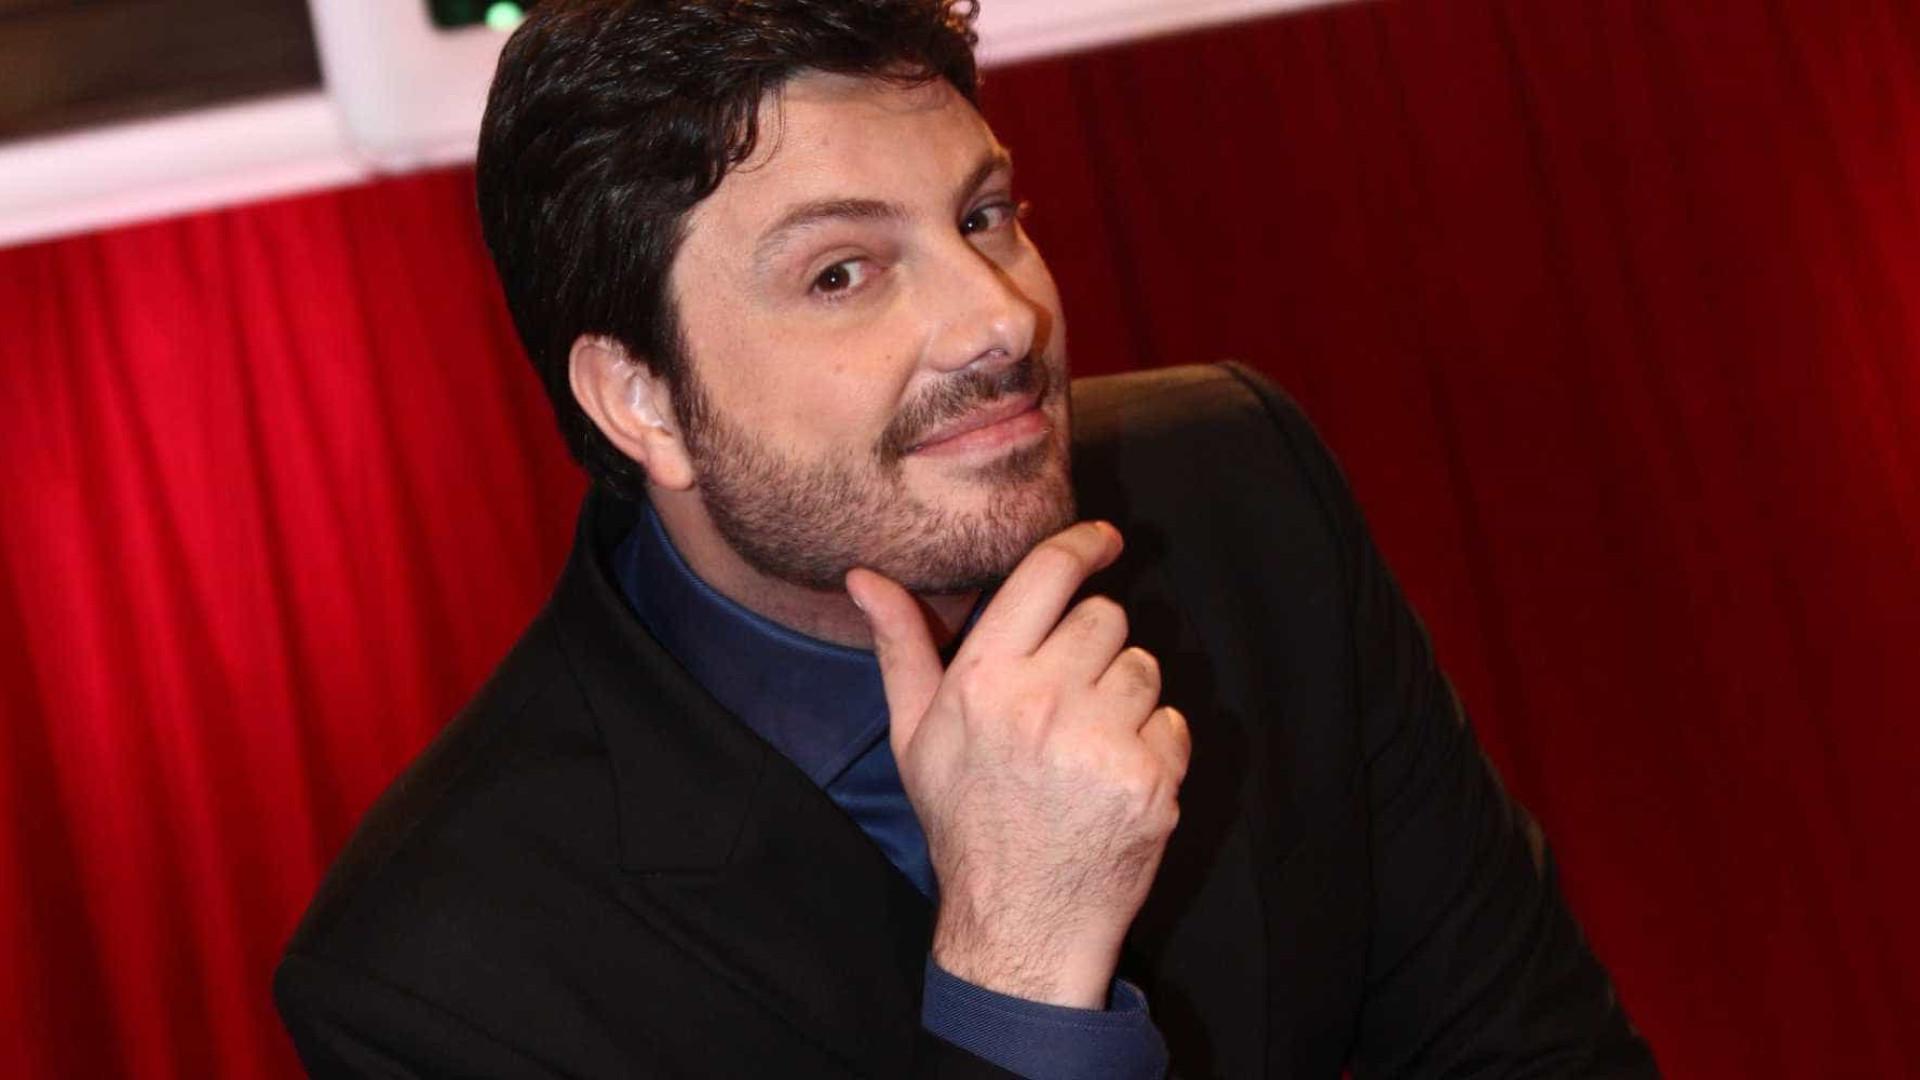 Danilo Gentili fala sobre a morte do pai 6 meses após perder a irmã